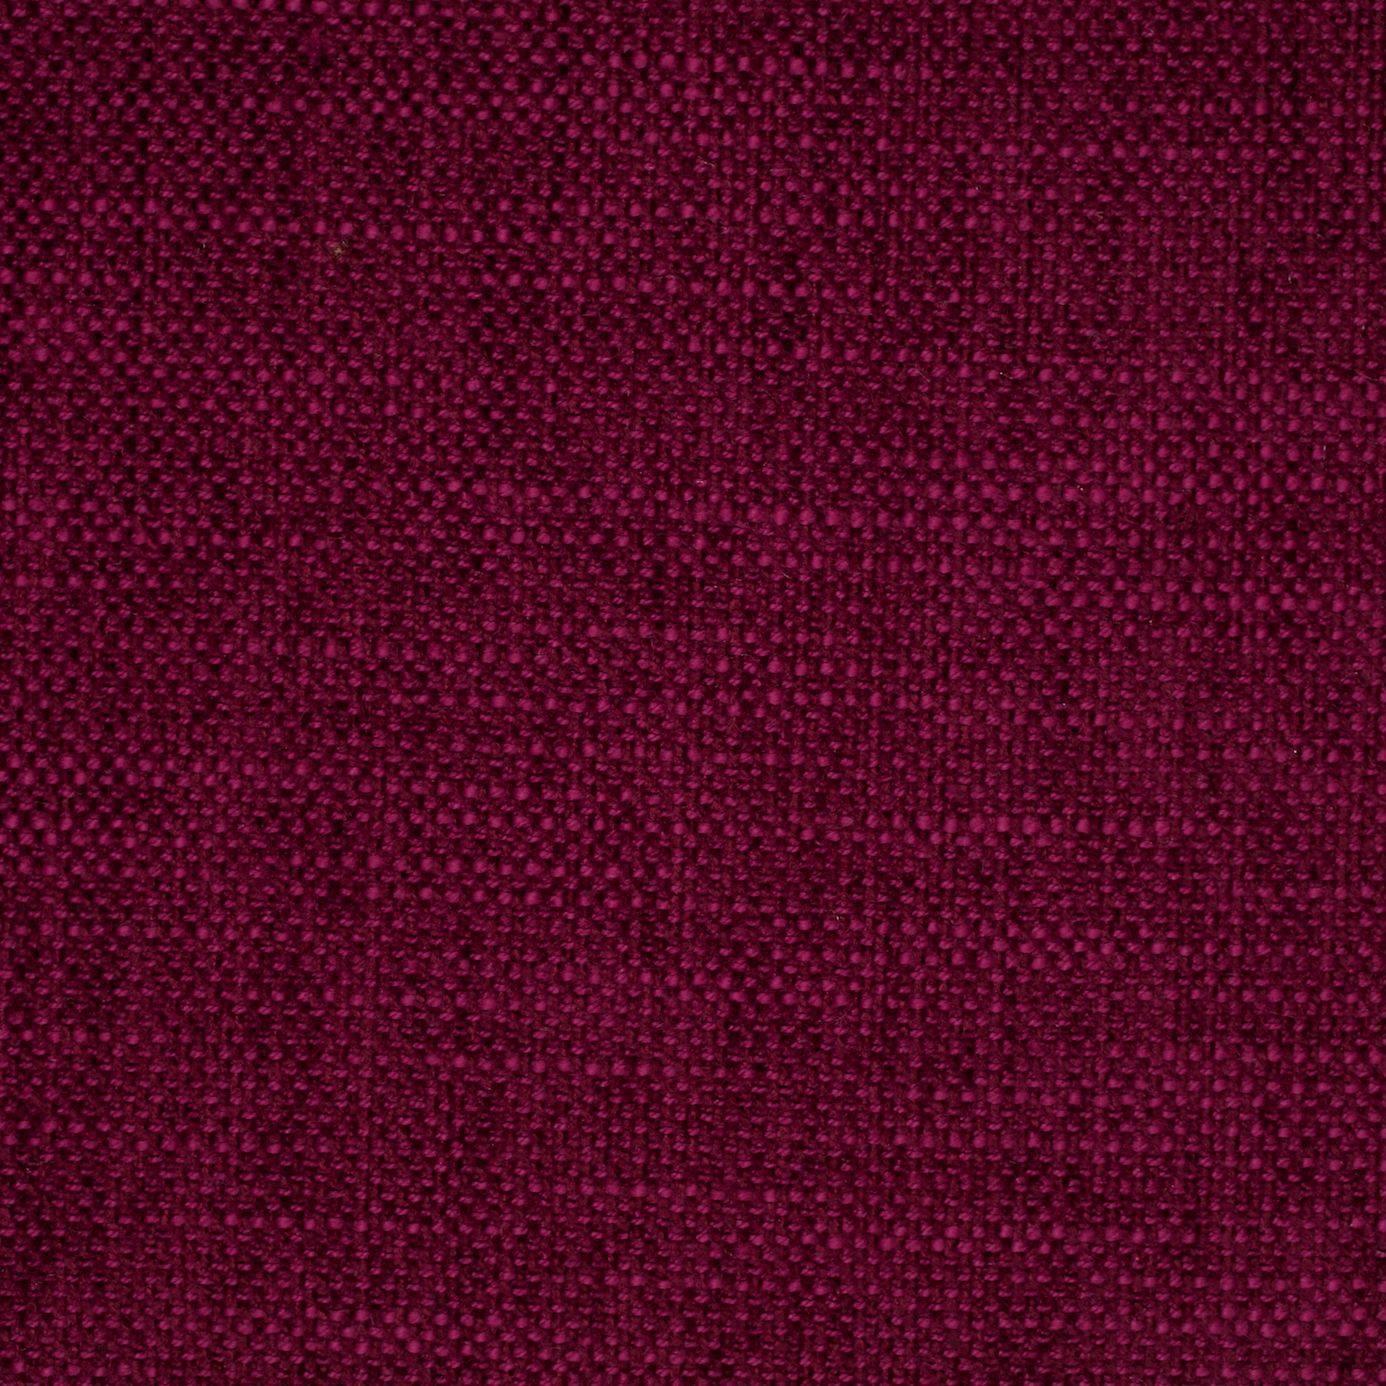 Allegra Fabric Bordeaux 9675 Harlequin Allegra